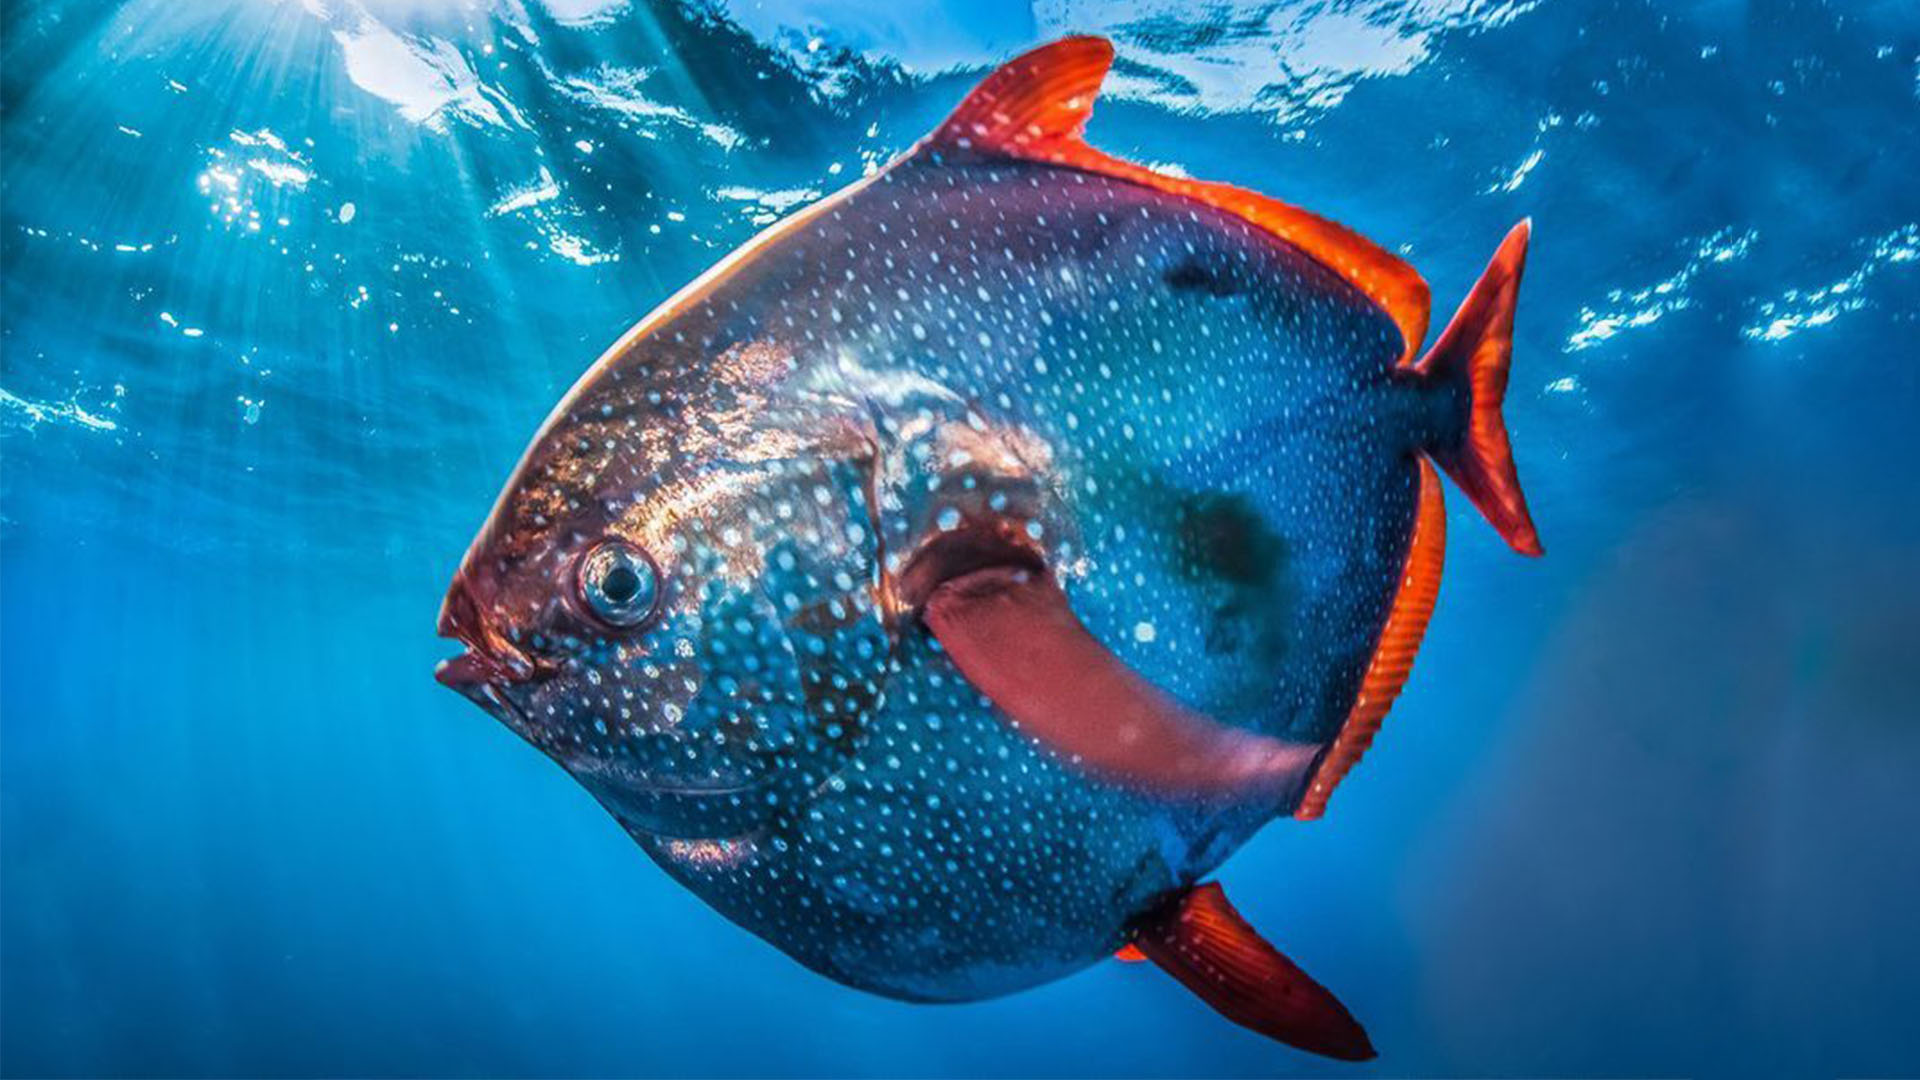 πολύχρωμο ψάρι